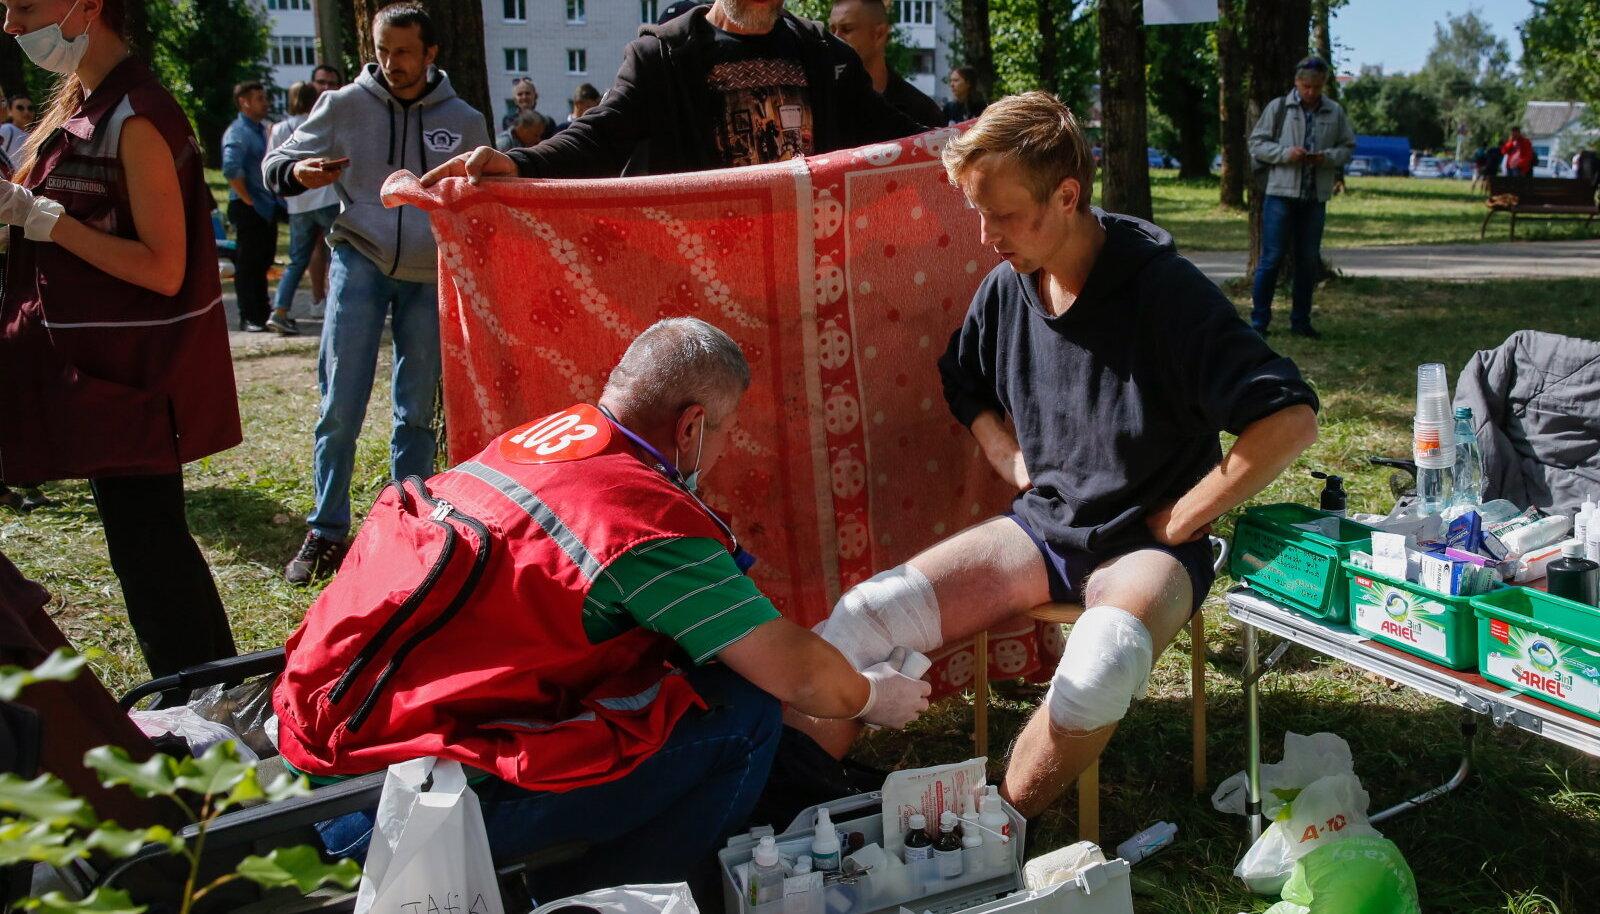 Valgevene arstid 14. augustil piinakambrist vabastatud meest ravimas